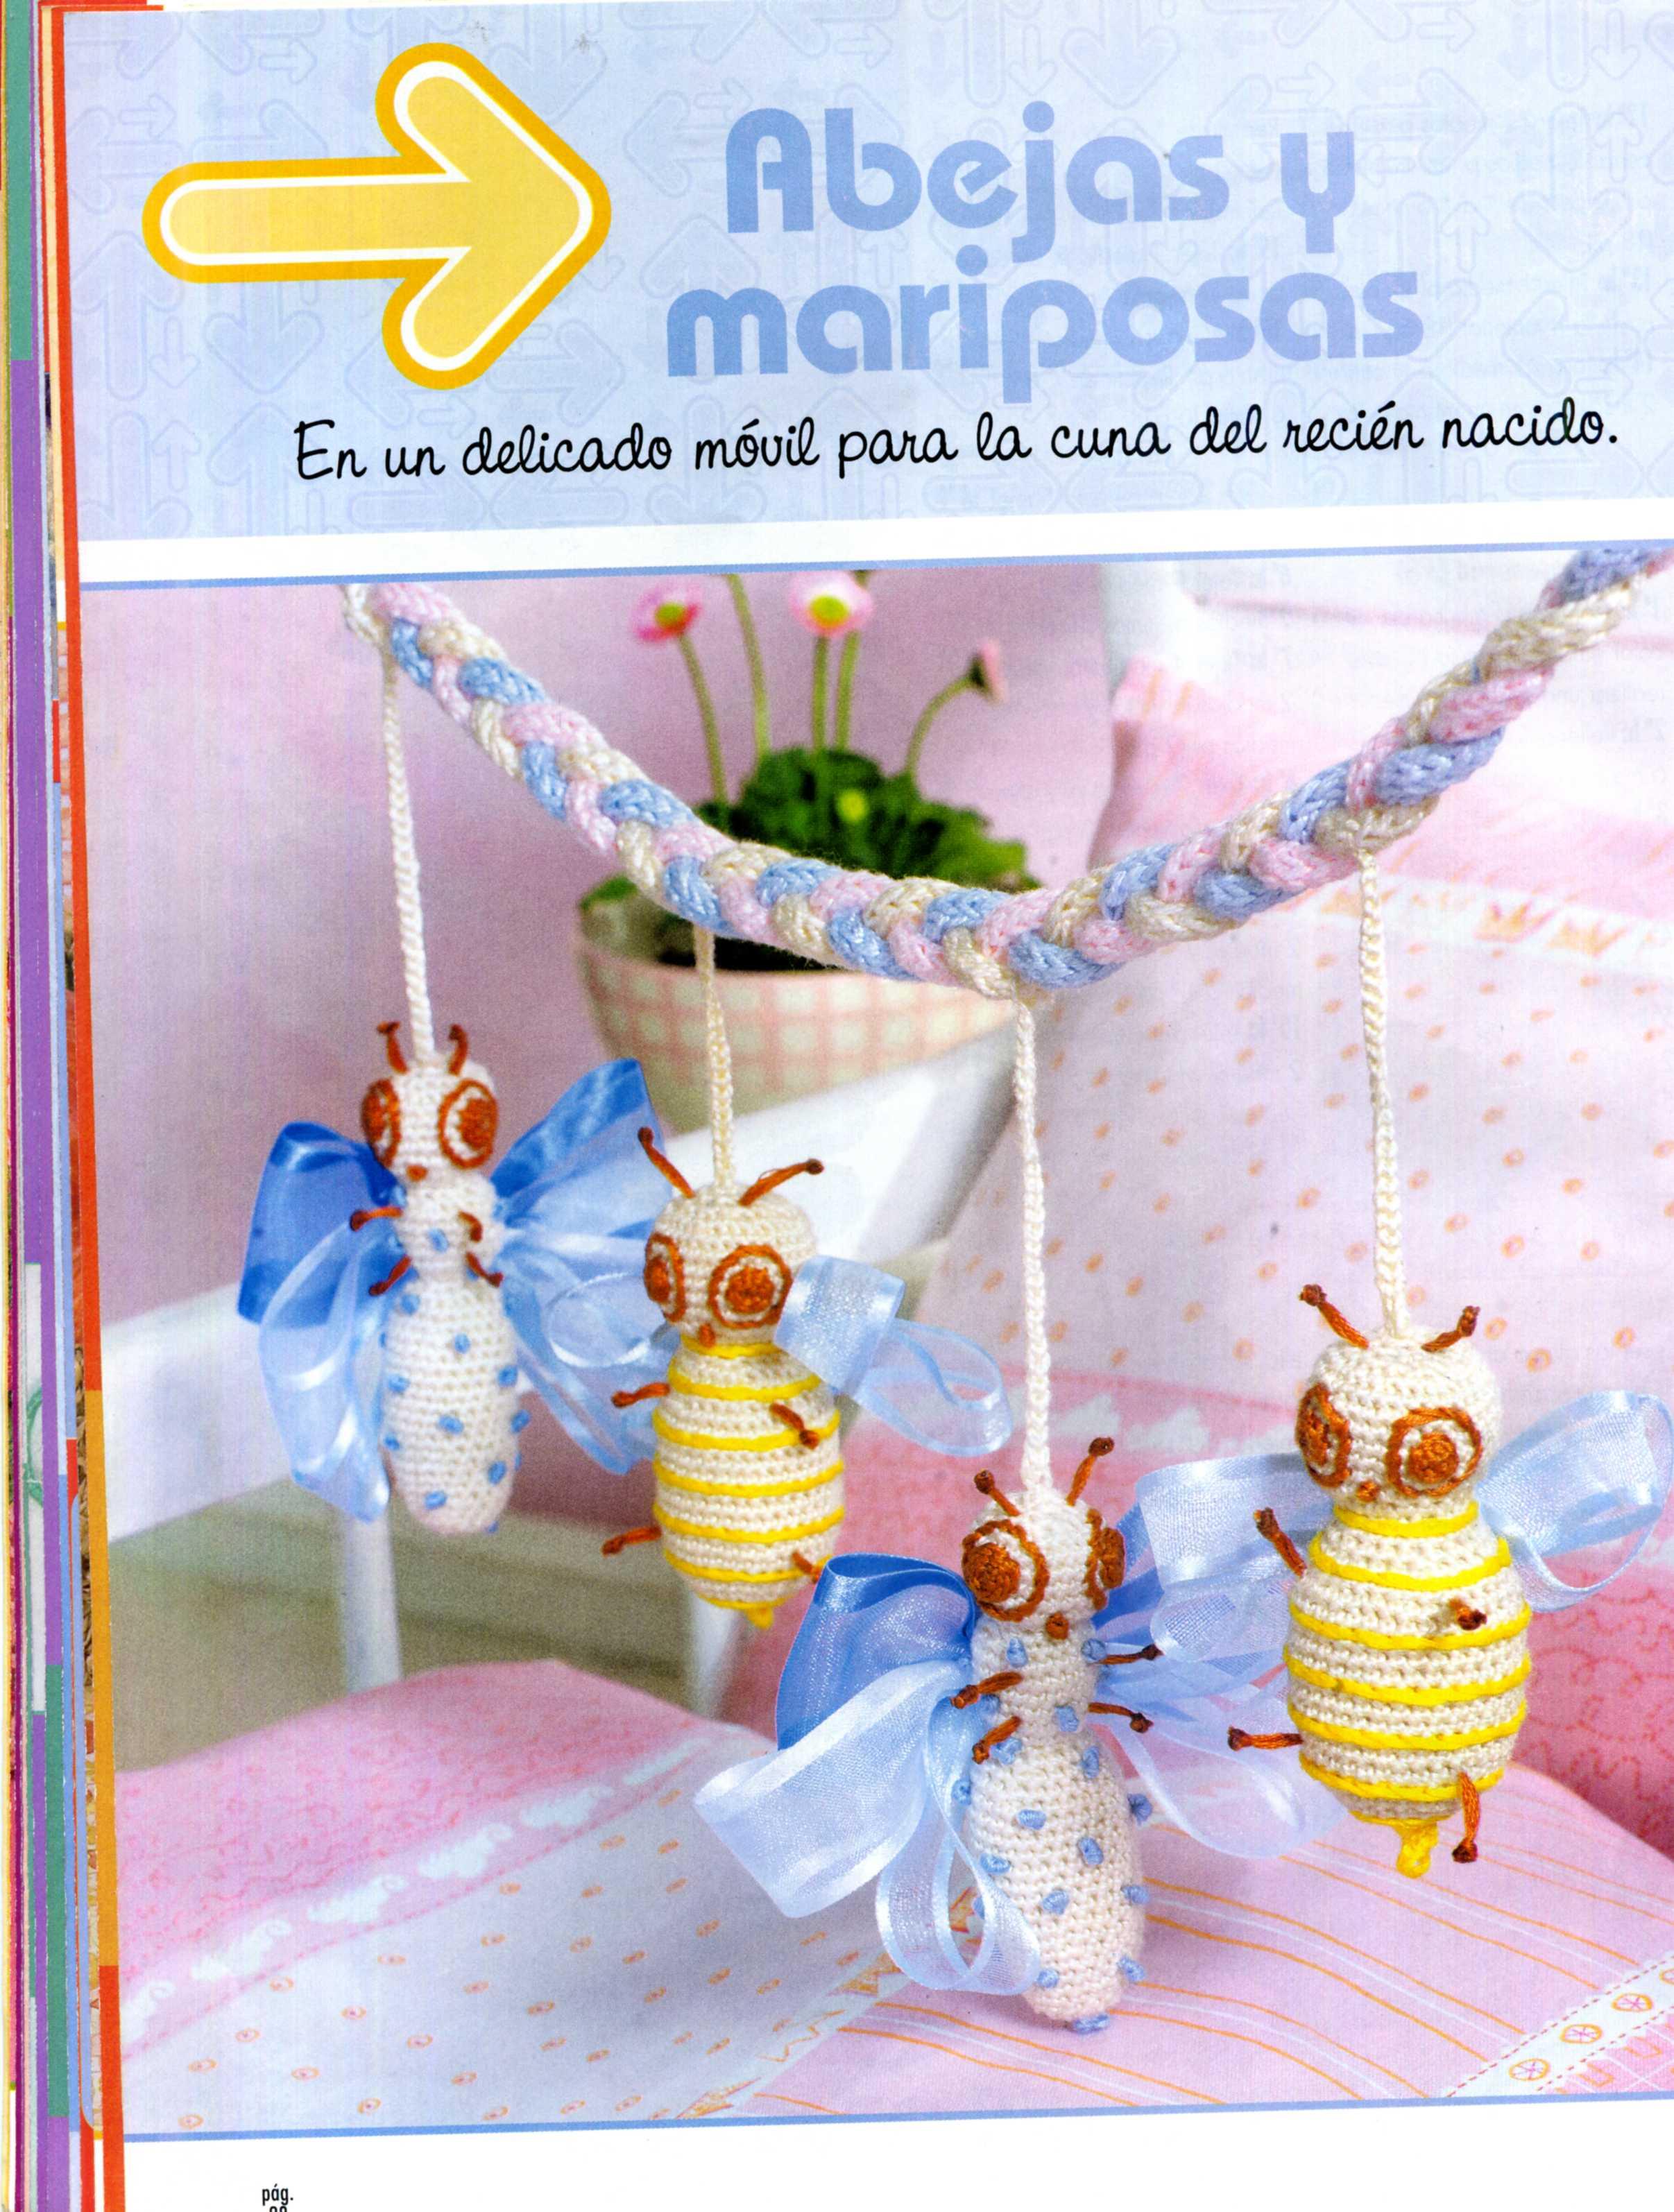 Aprende amigurumi fácil y crochet. for Android - APK Download | 3189x2413